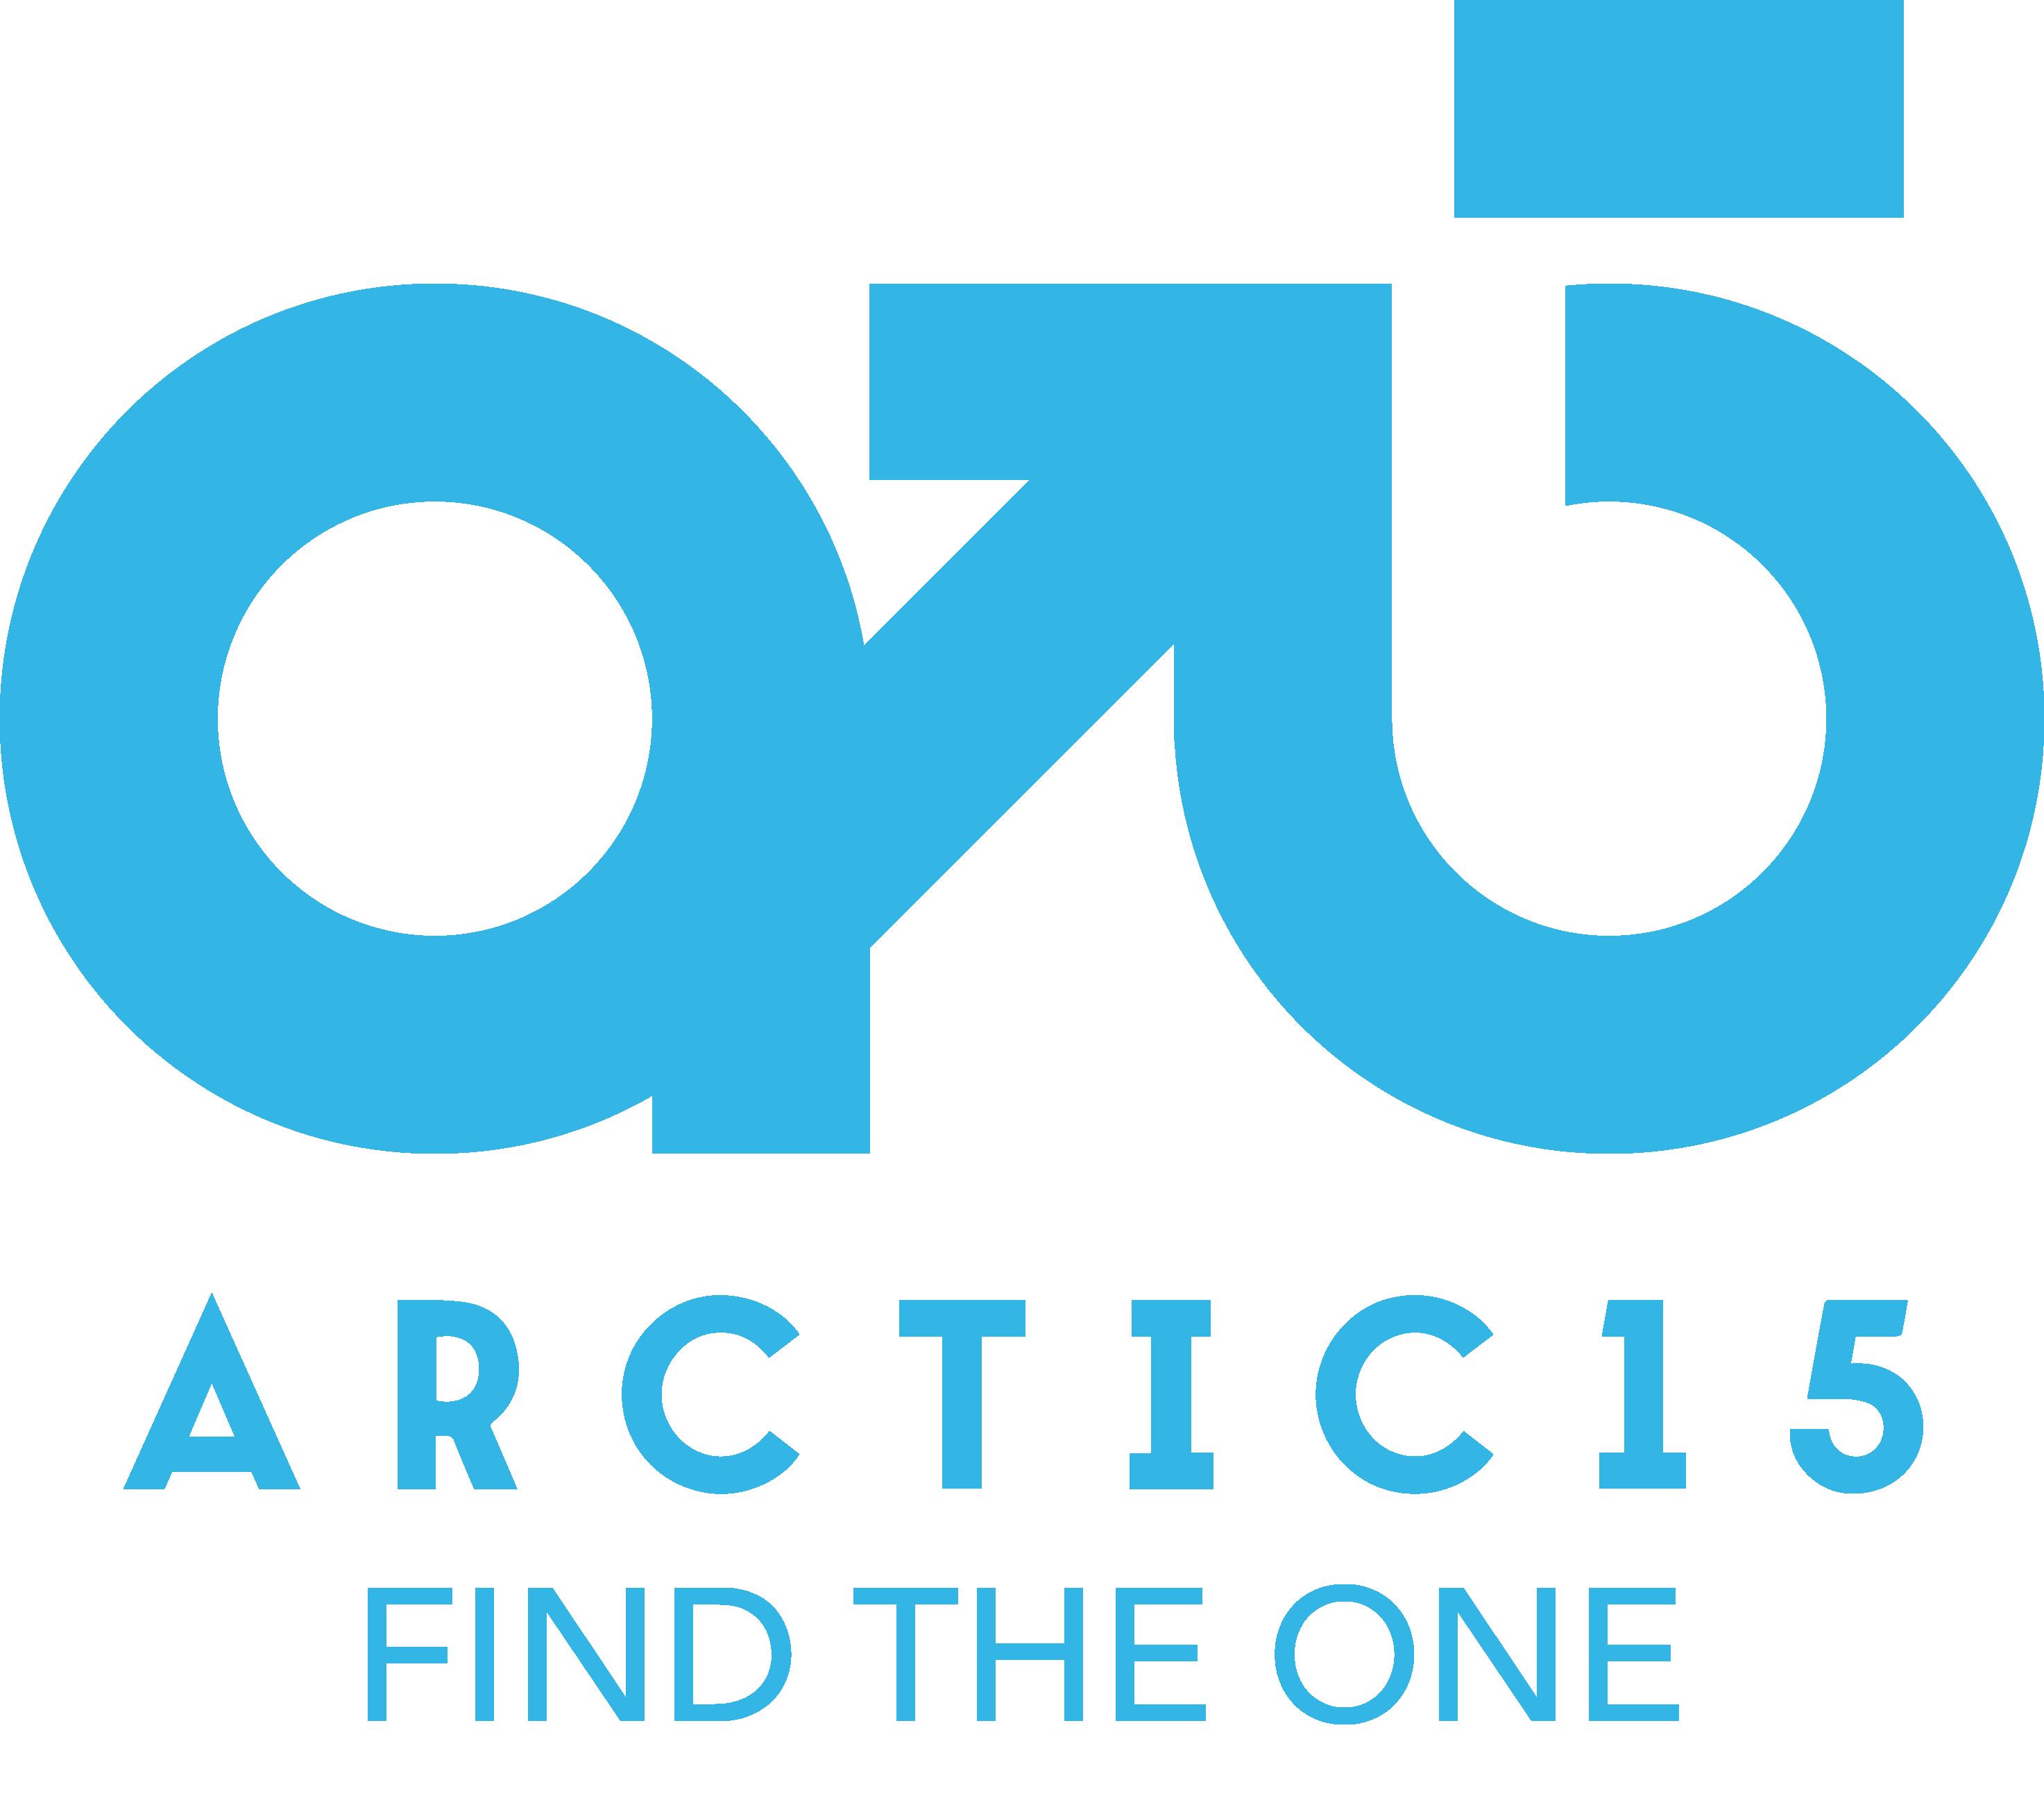 Arctic 15